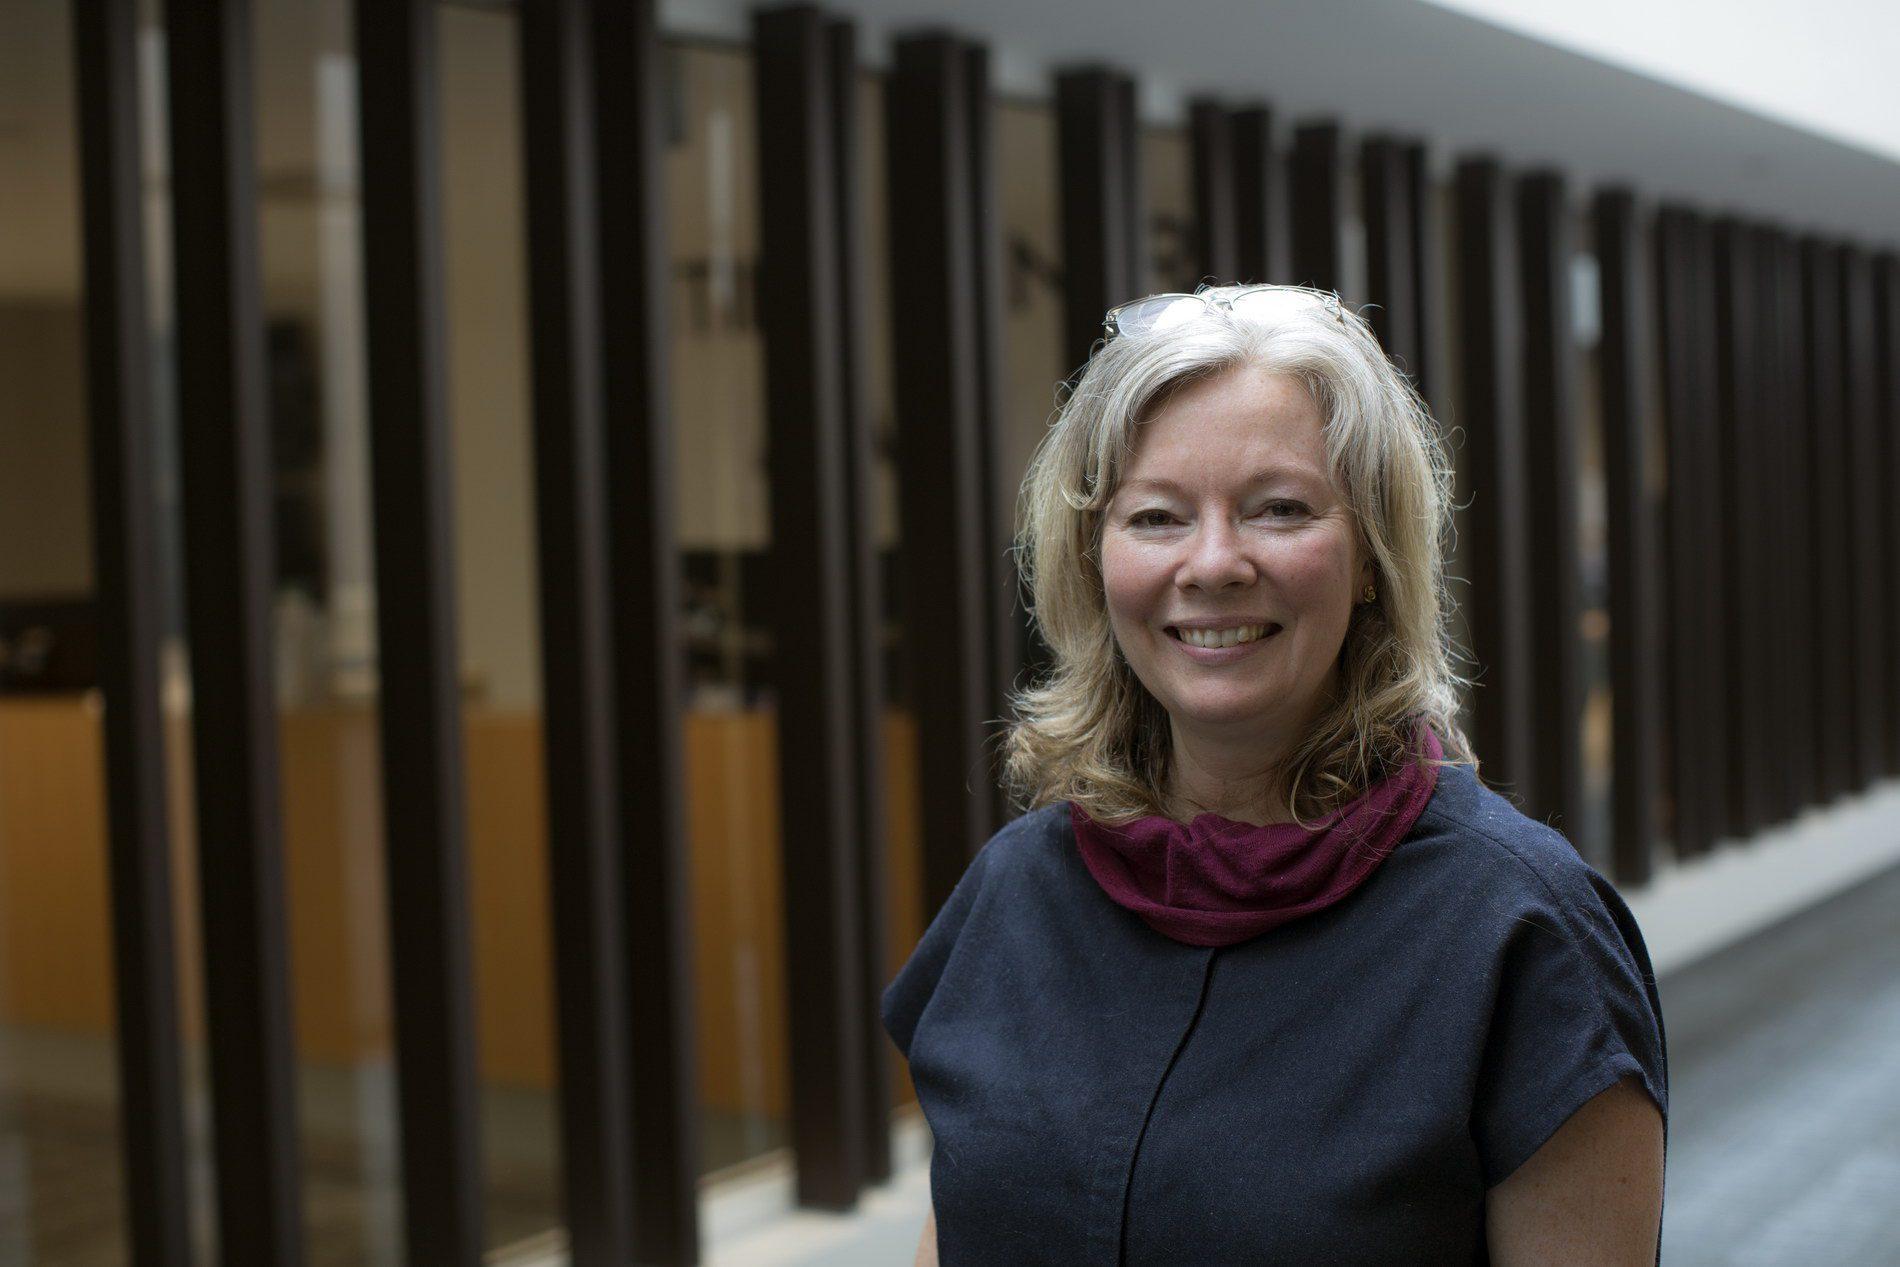 Cheryl Schreader